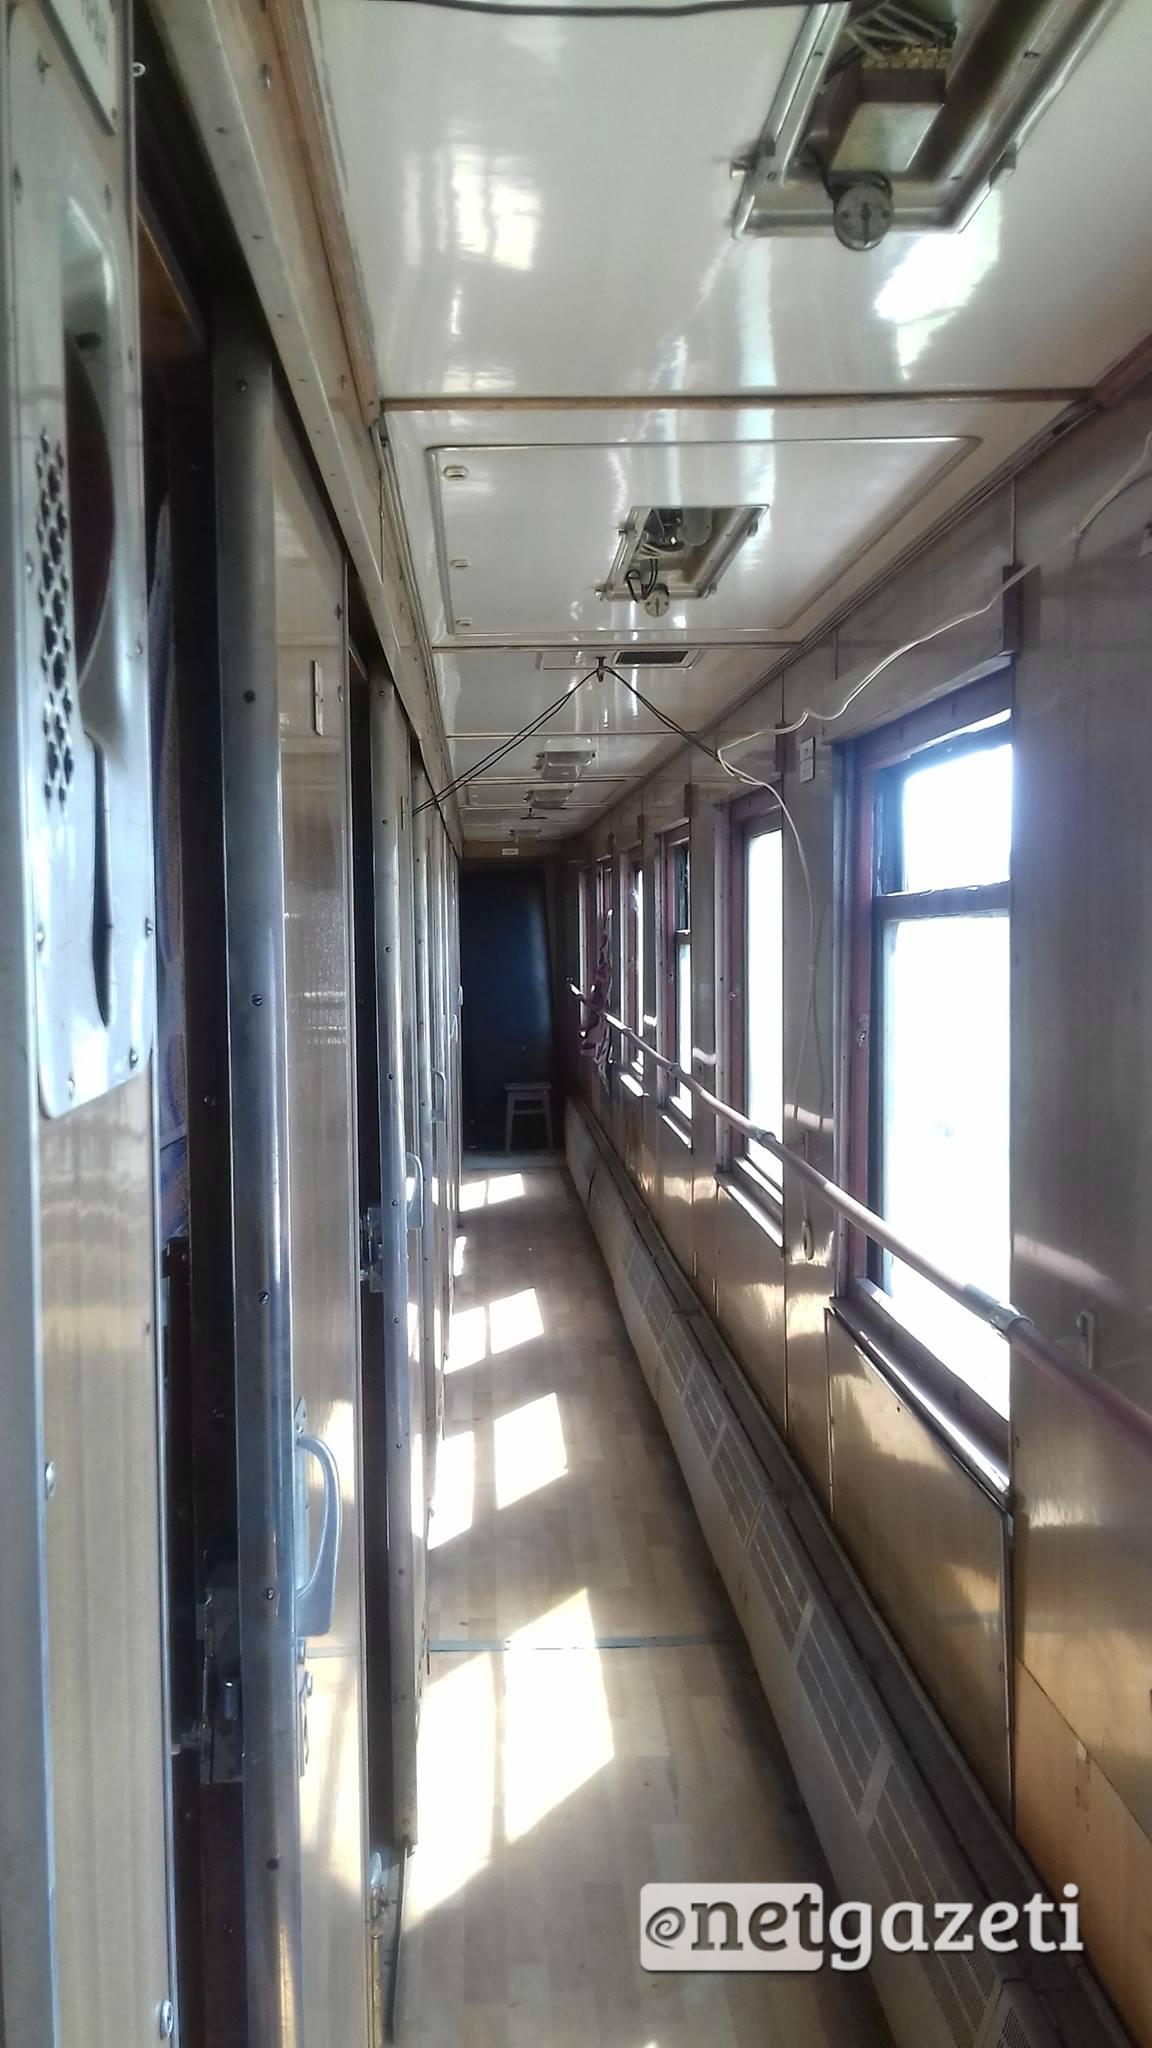 ვაგონი მარნეულში, რომელშიც რკინიგზელები ცხოვრობენ 15.08.17 ფოტო: ნეტგაზეთი/მიხეილ გვაძაბია